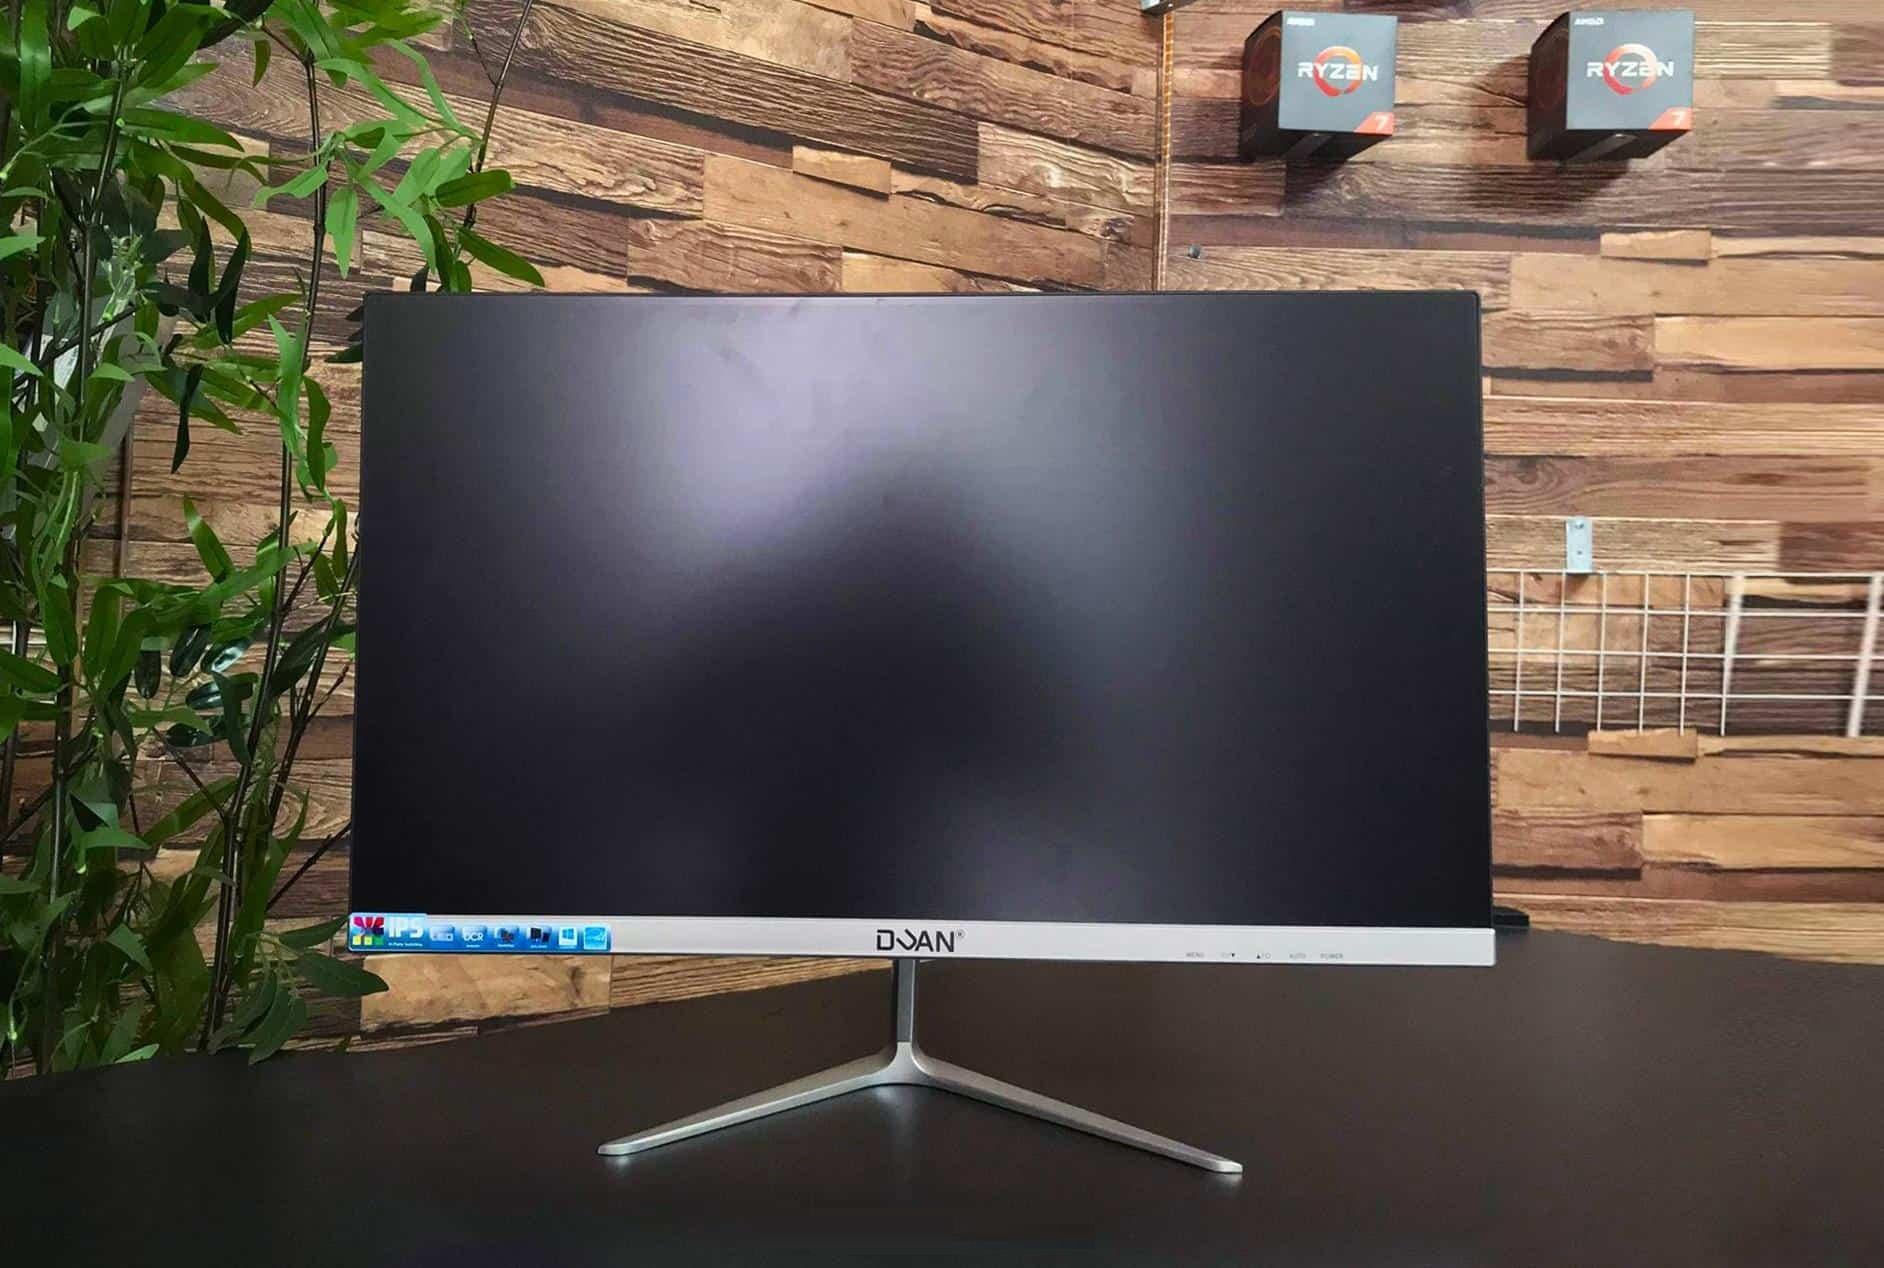 Thay màn hình laptop bao lăm tiền là phù hợp?